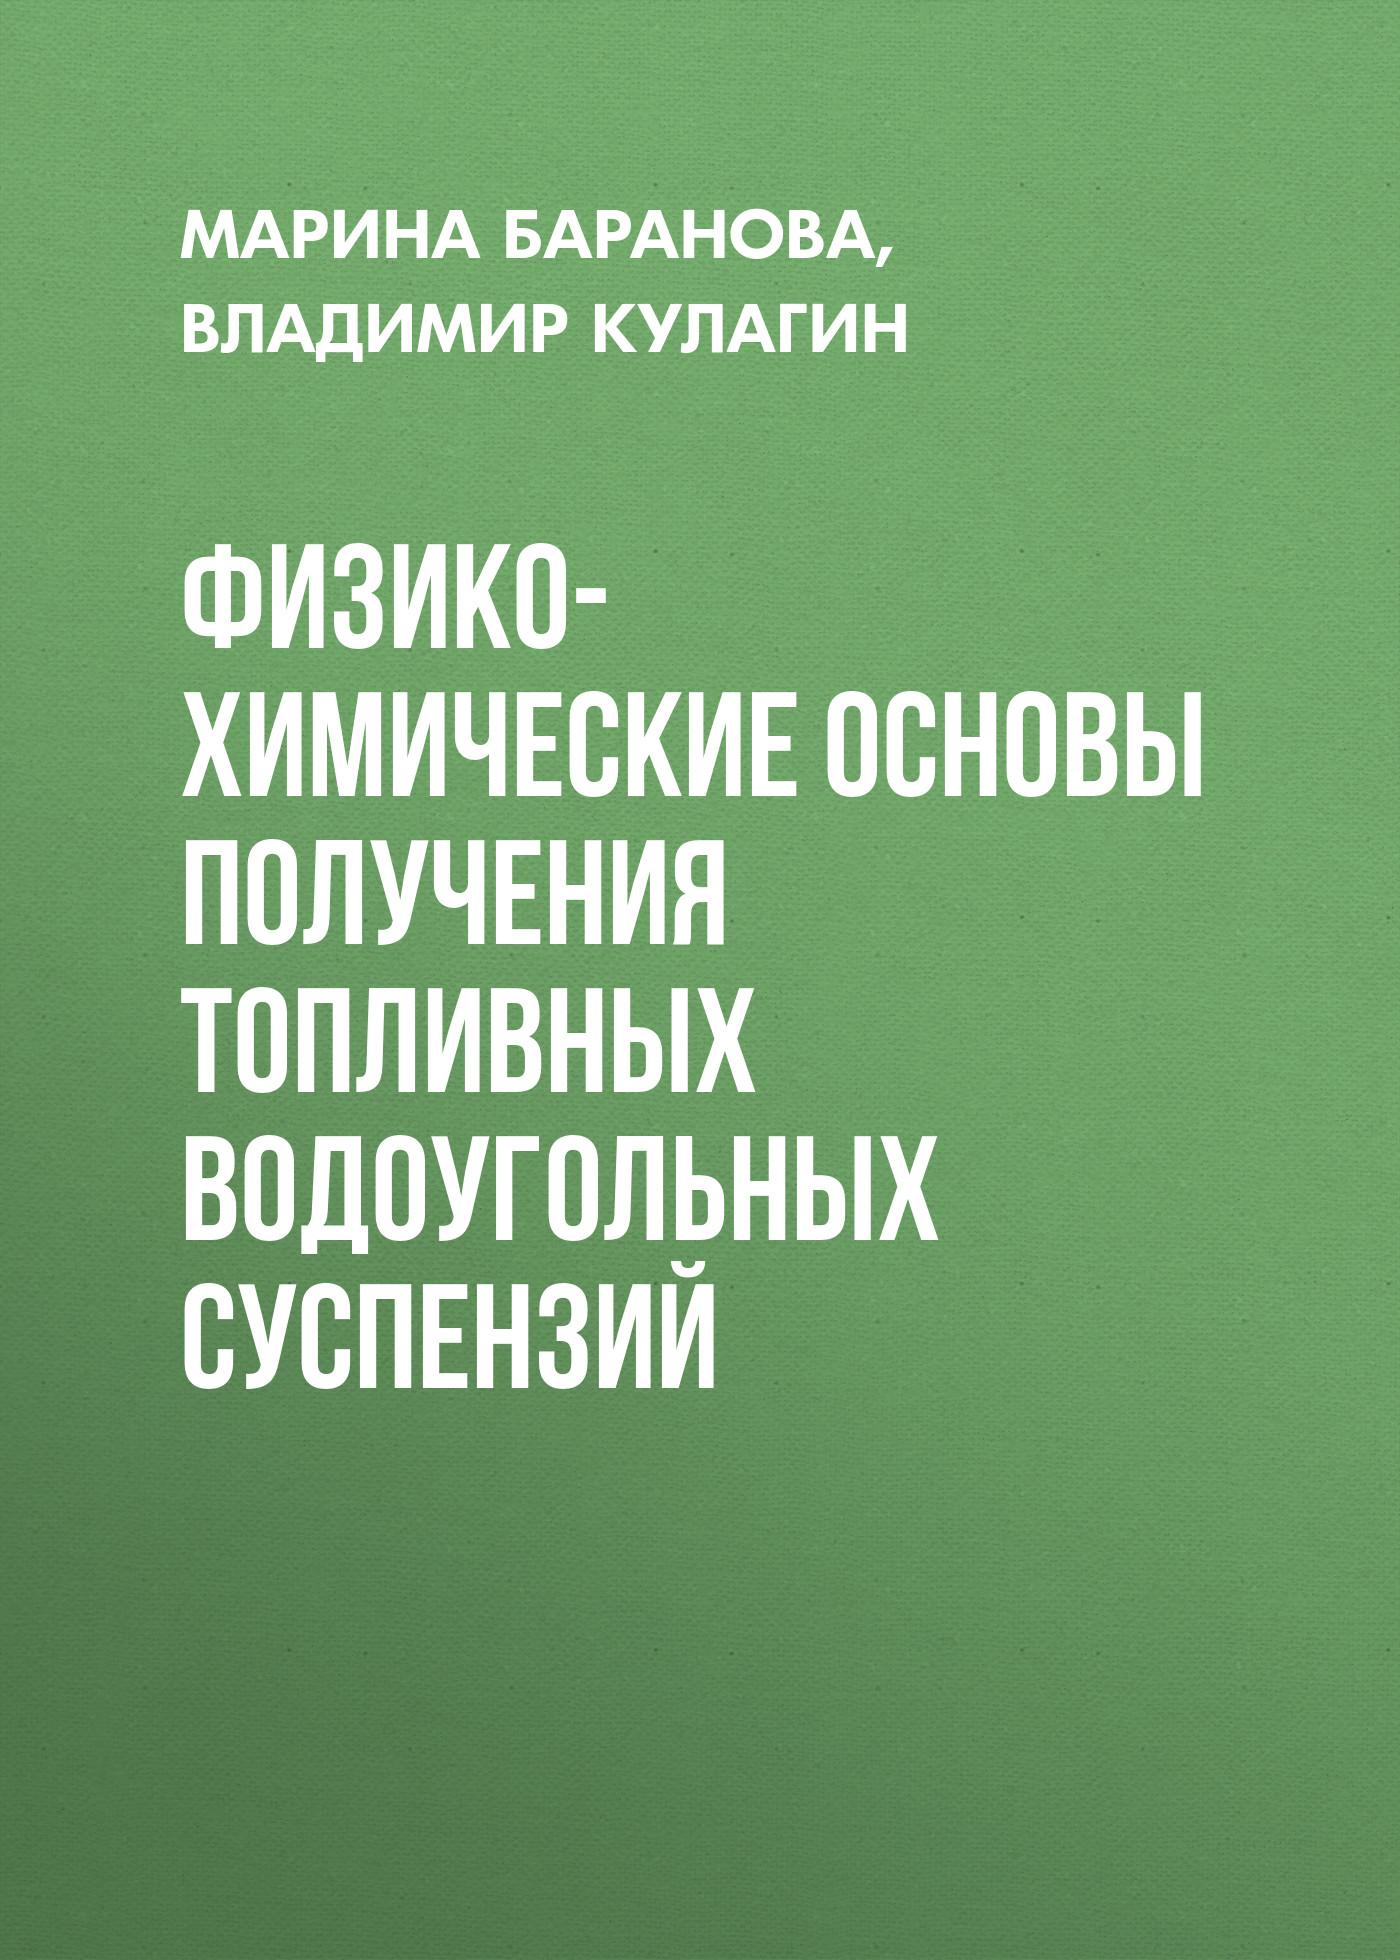 Владимир Кулагин Физико-химические основы получения топливных водоугольных суспензий в н бороненков ю с коробов основы дуговой металлизации физико химические закономерности